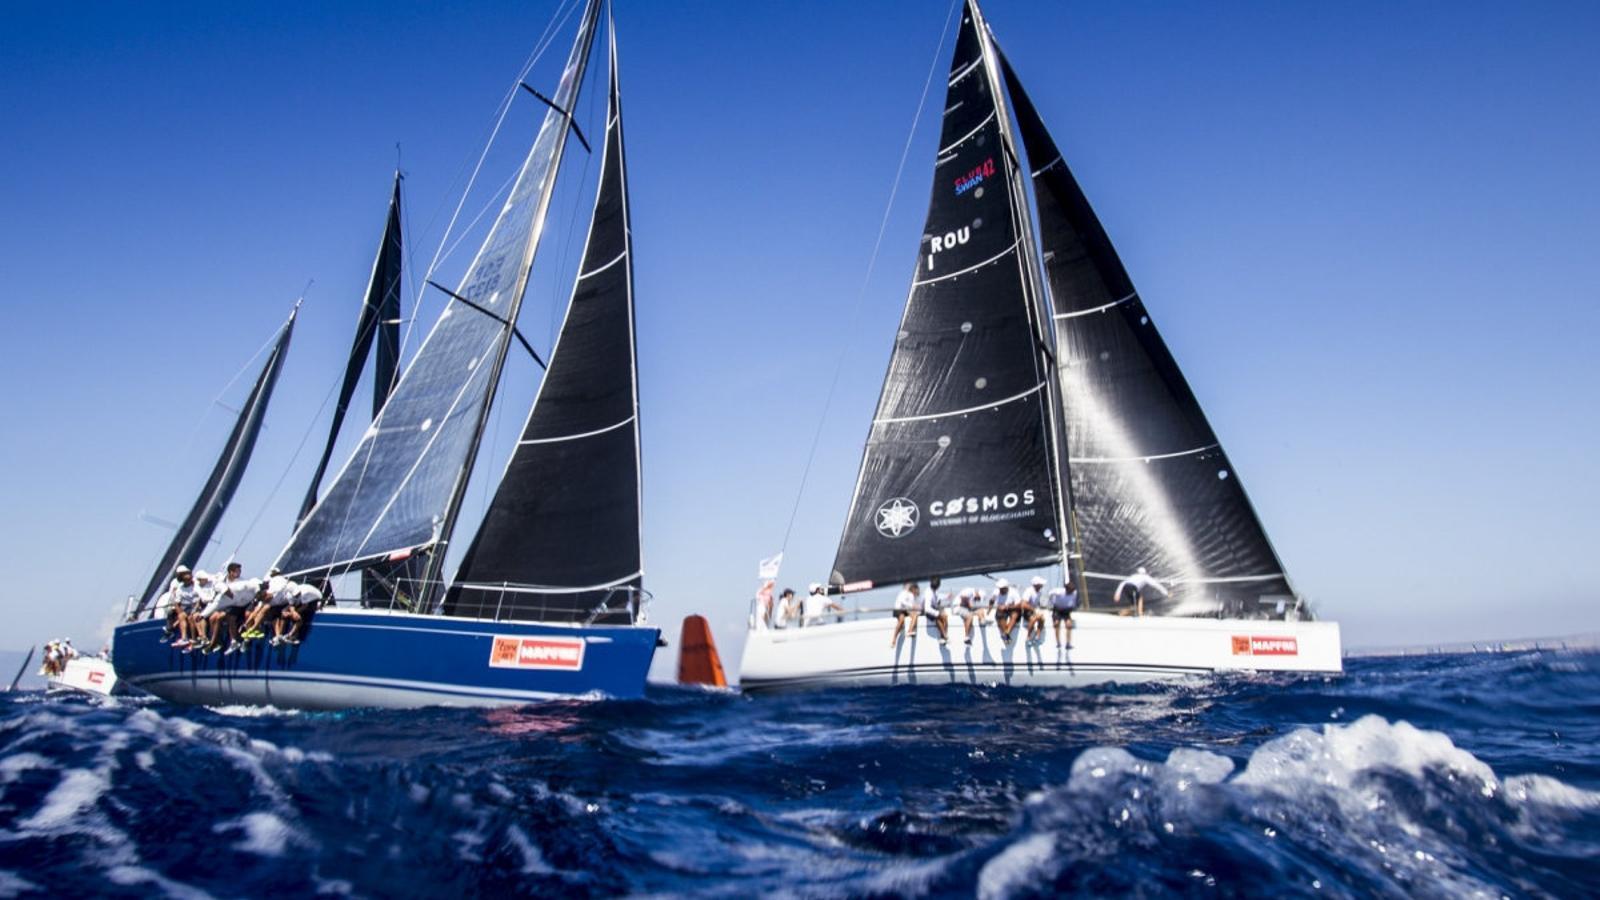 Complertes totes les jornades, han brillat els equips que millor han sabut dominar el vent suau de la badia de Palma.